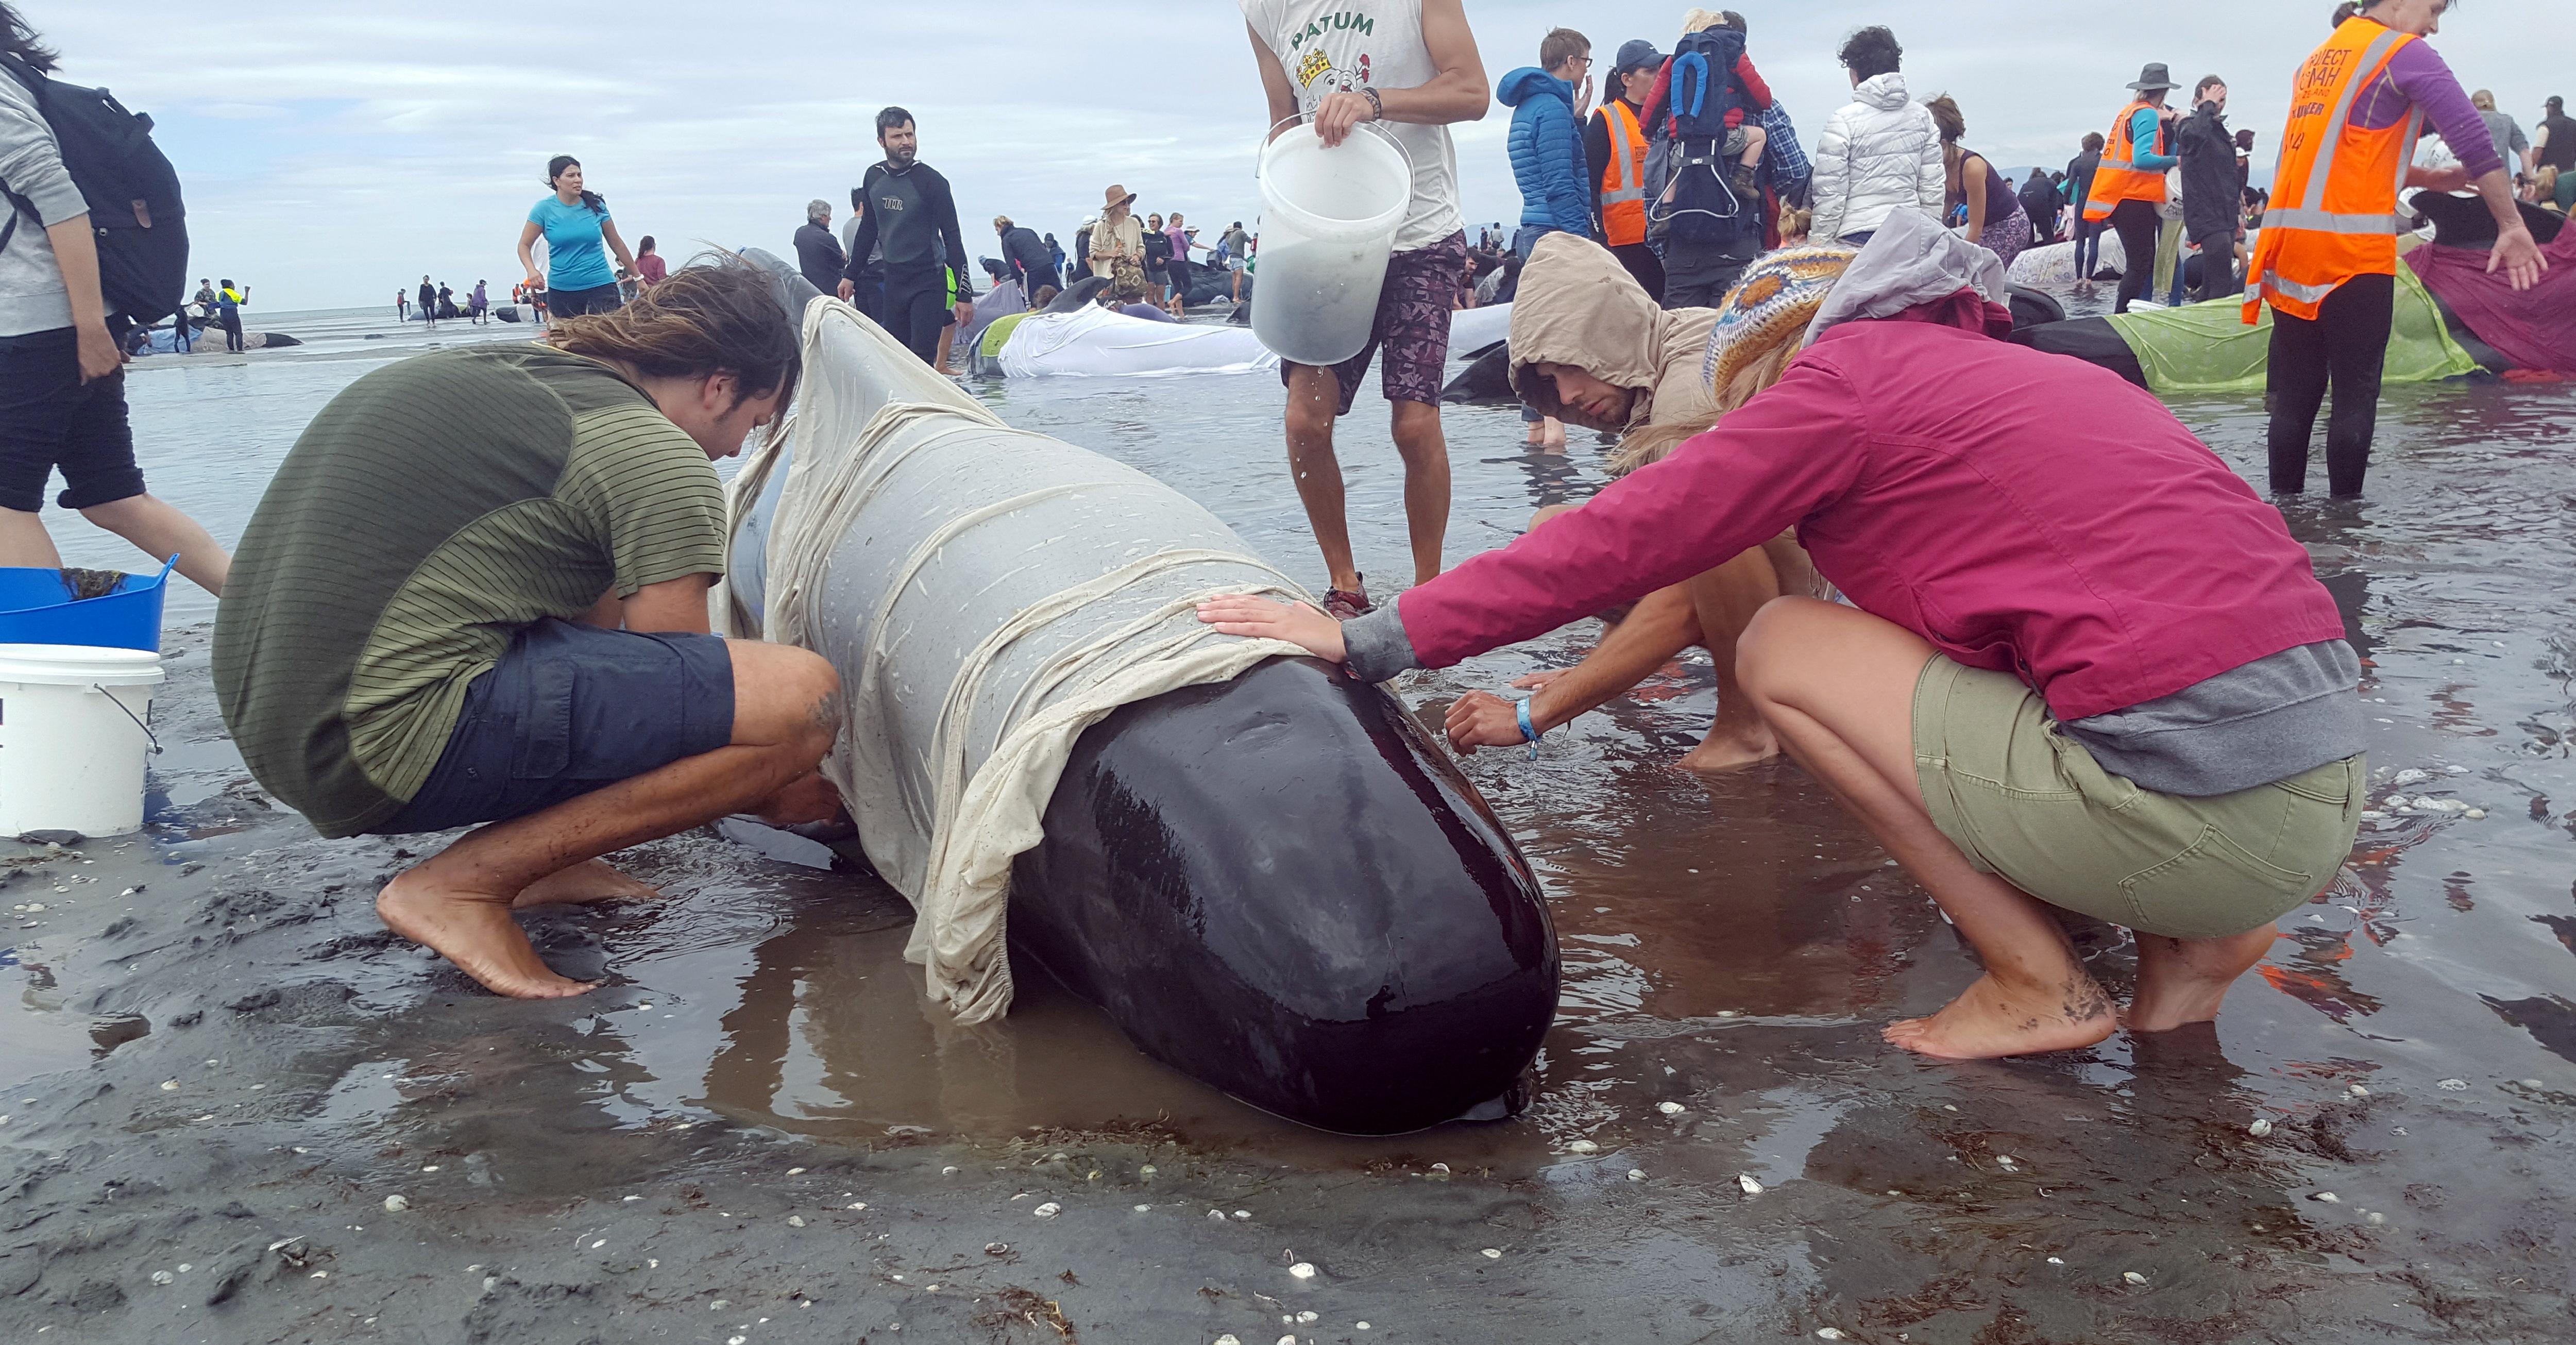 Az idővel versenyt futva próbálnak megmenteni száz, partra vetett cetet